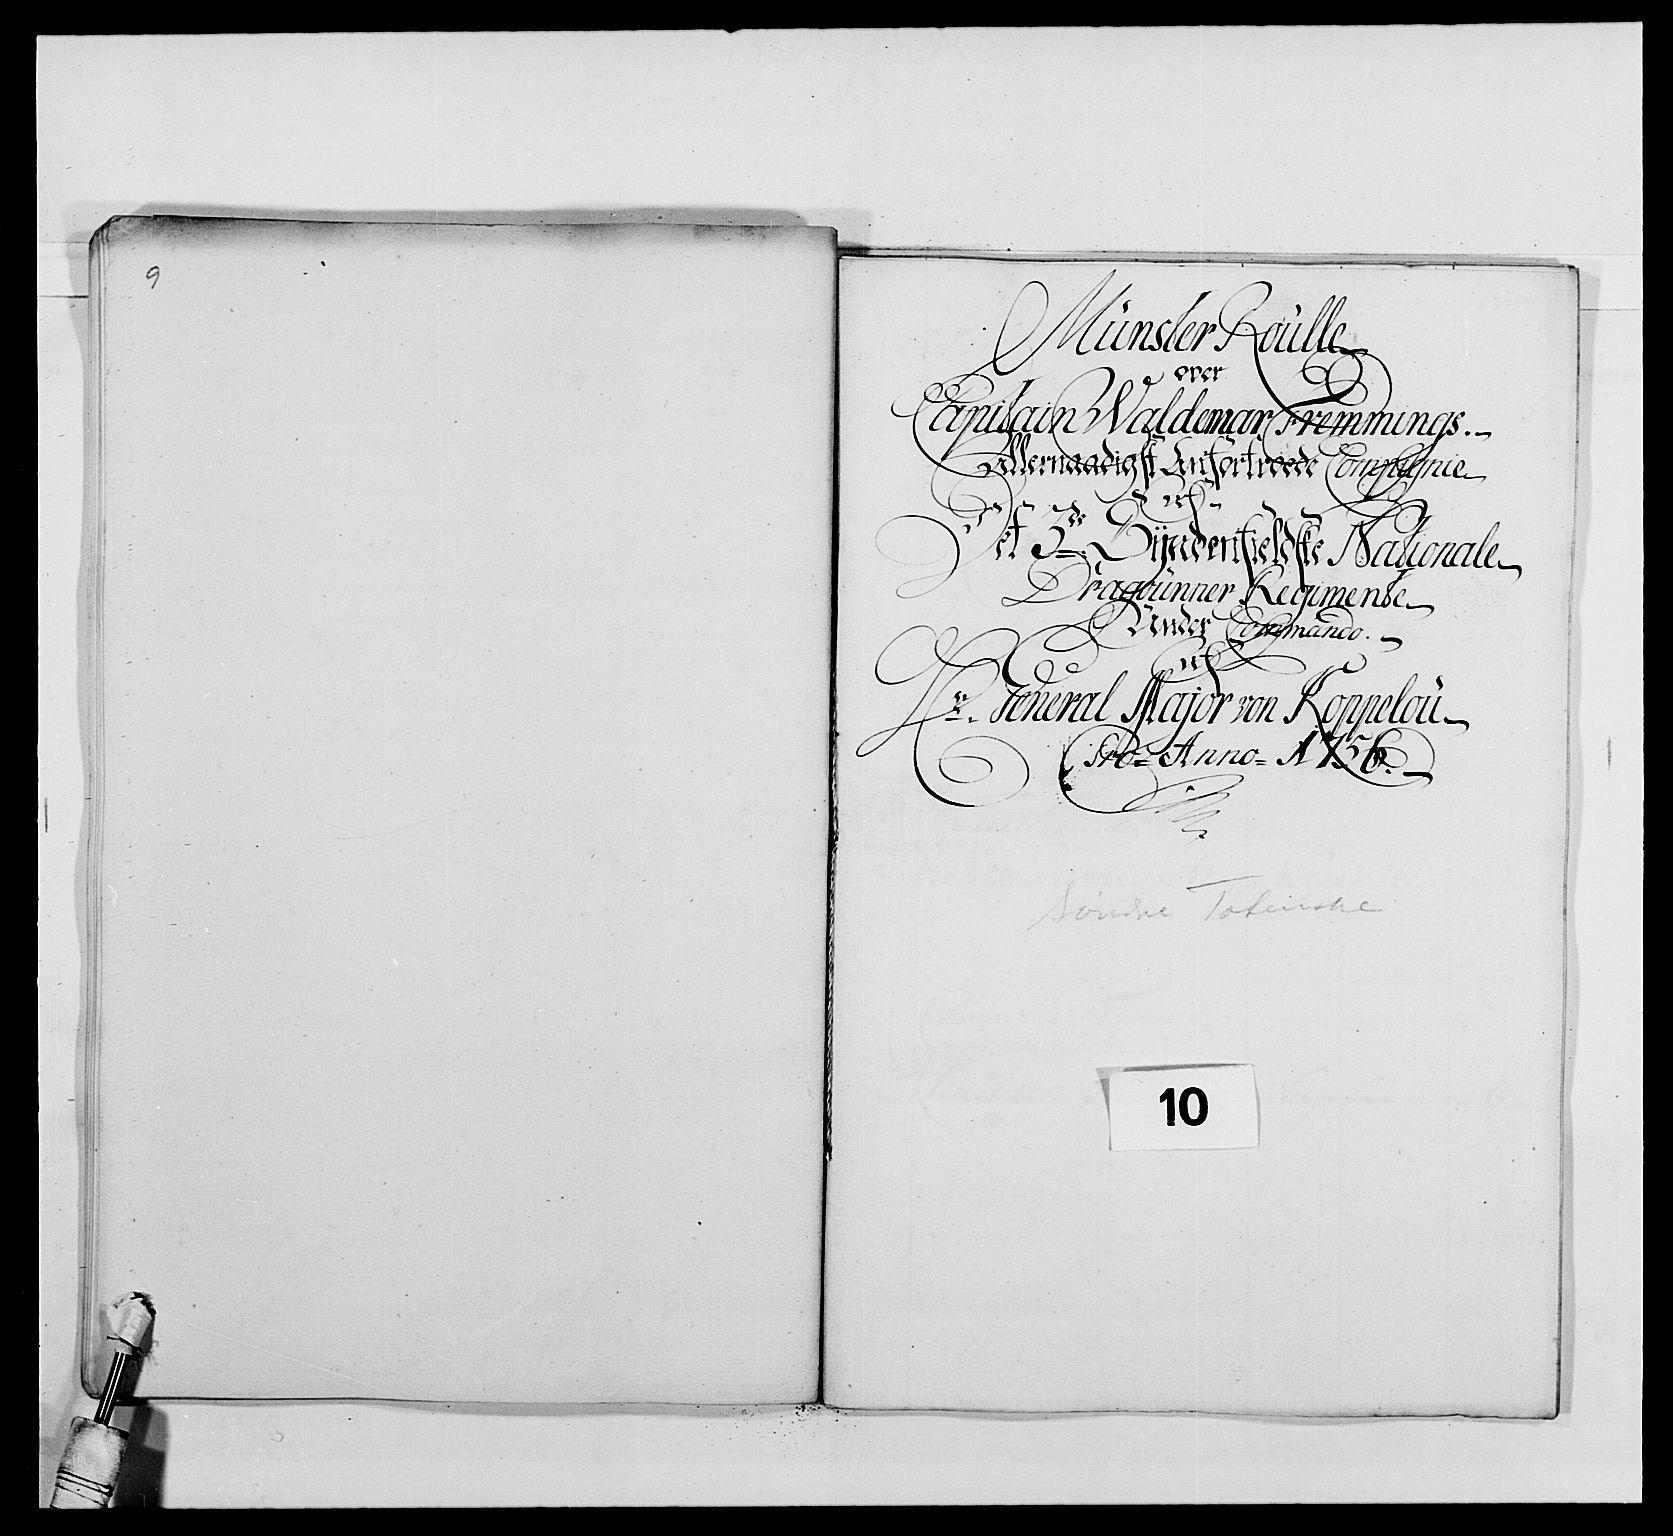 RA, Kommanderende general (KG I) med Det norske krigsdirektorium, E/Ea/L0479: 3. Sønnafjelske dragonregiment, 1756-1760, s. 182